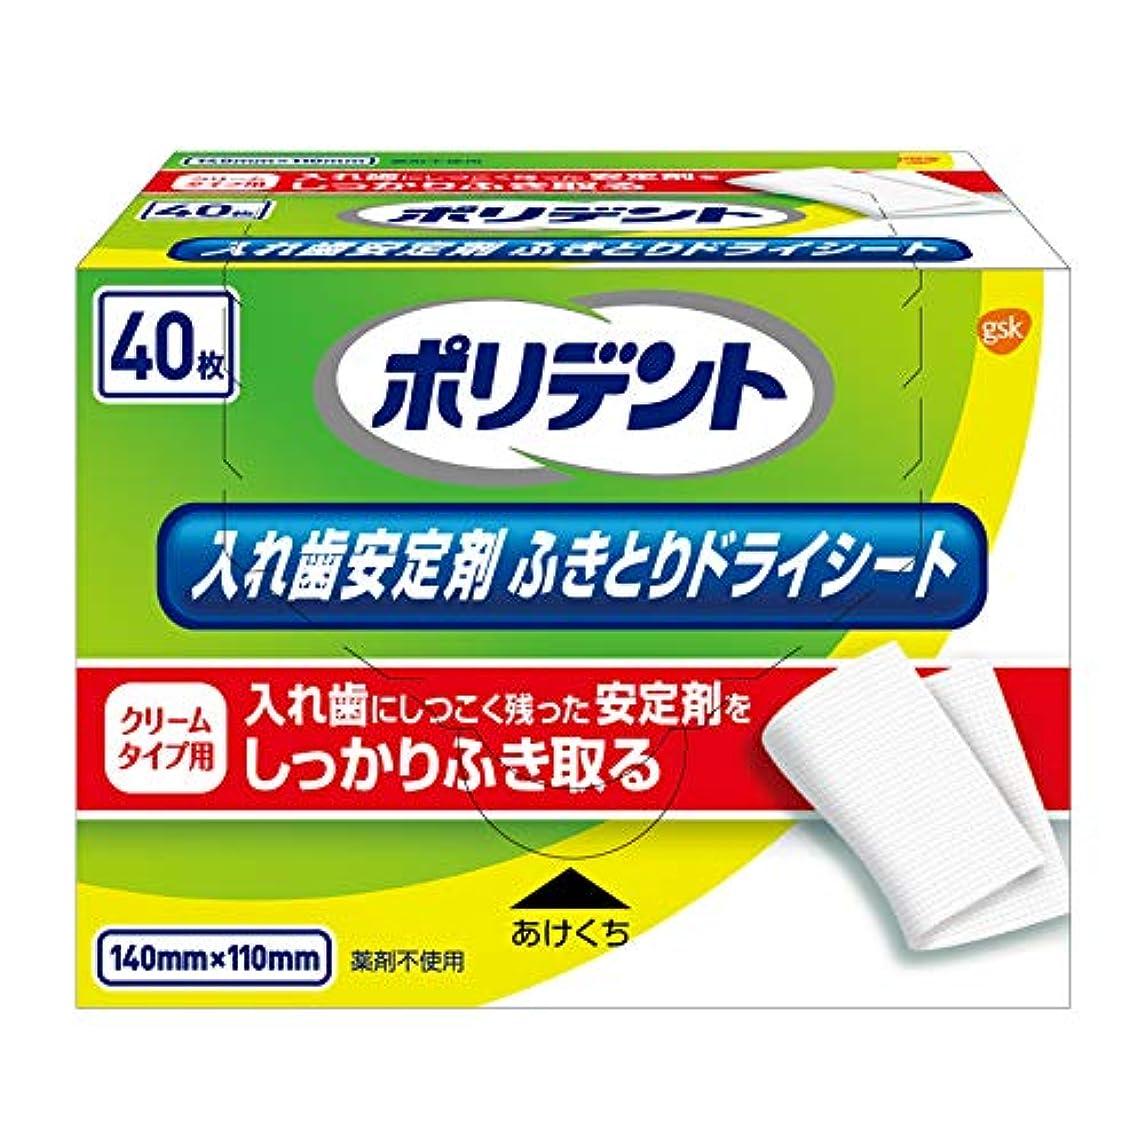 コンペ抵抗ライナーポリデント 入れ歯安定剤ふきとりドライシート 40枚